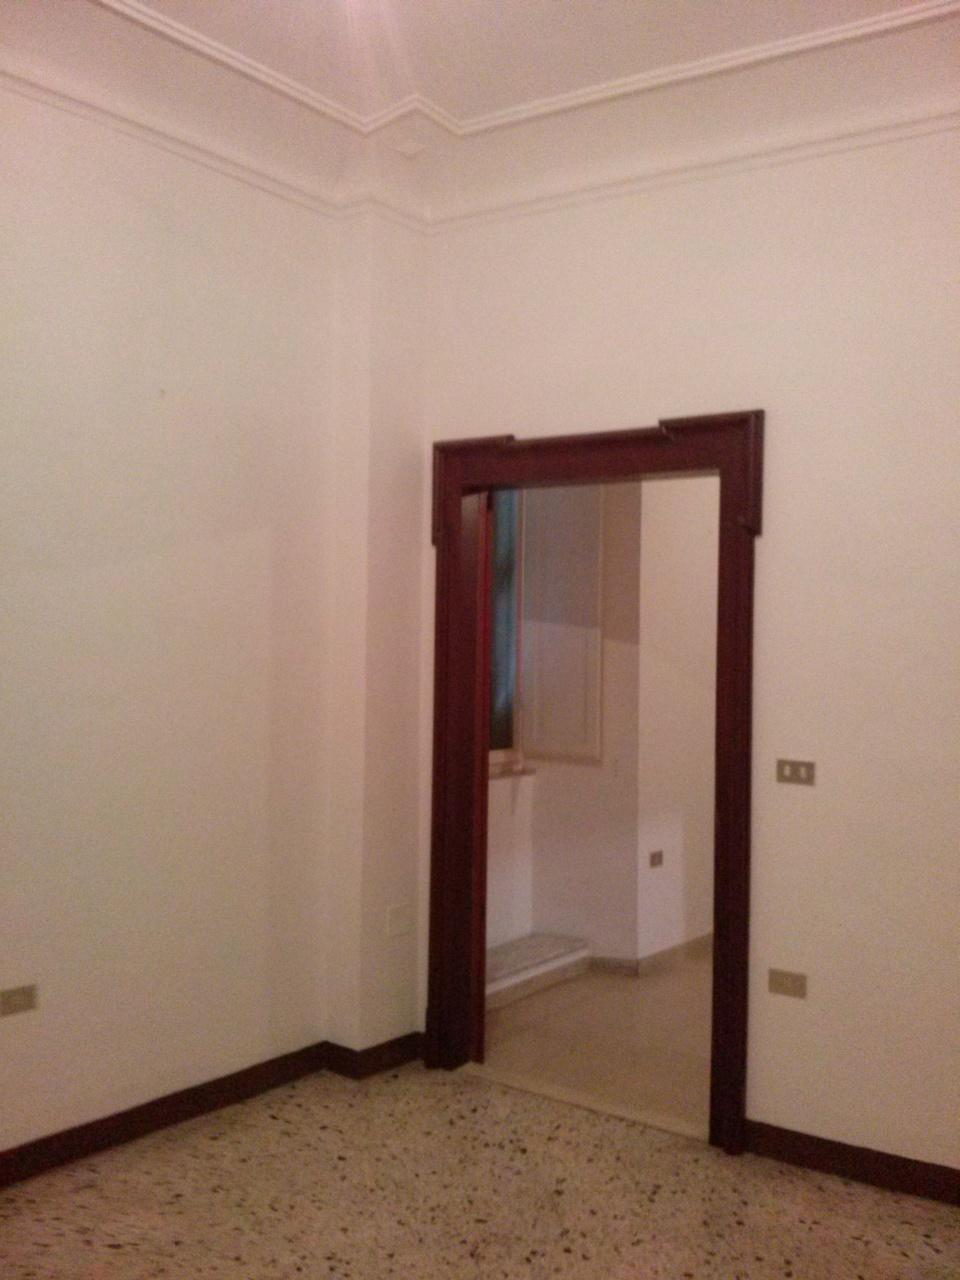 Appartamento in affitto a Ascoli Piceno, 5 locali, zona Località: CentroStorico, prezzo € 650 | Cambio Casa.it